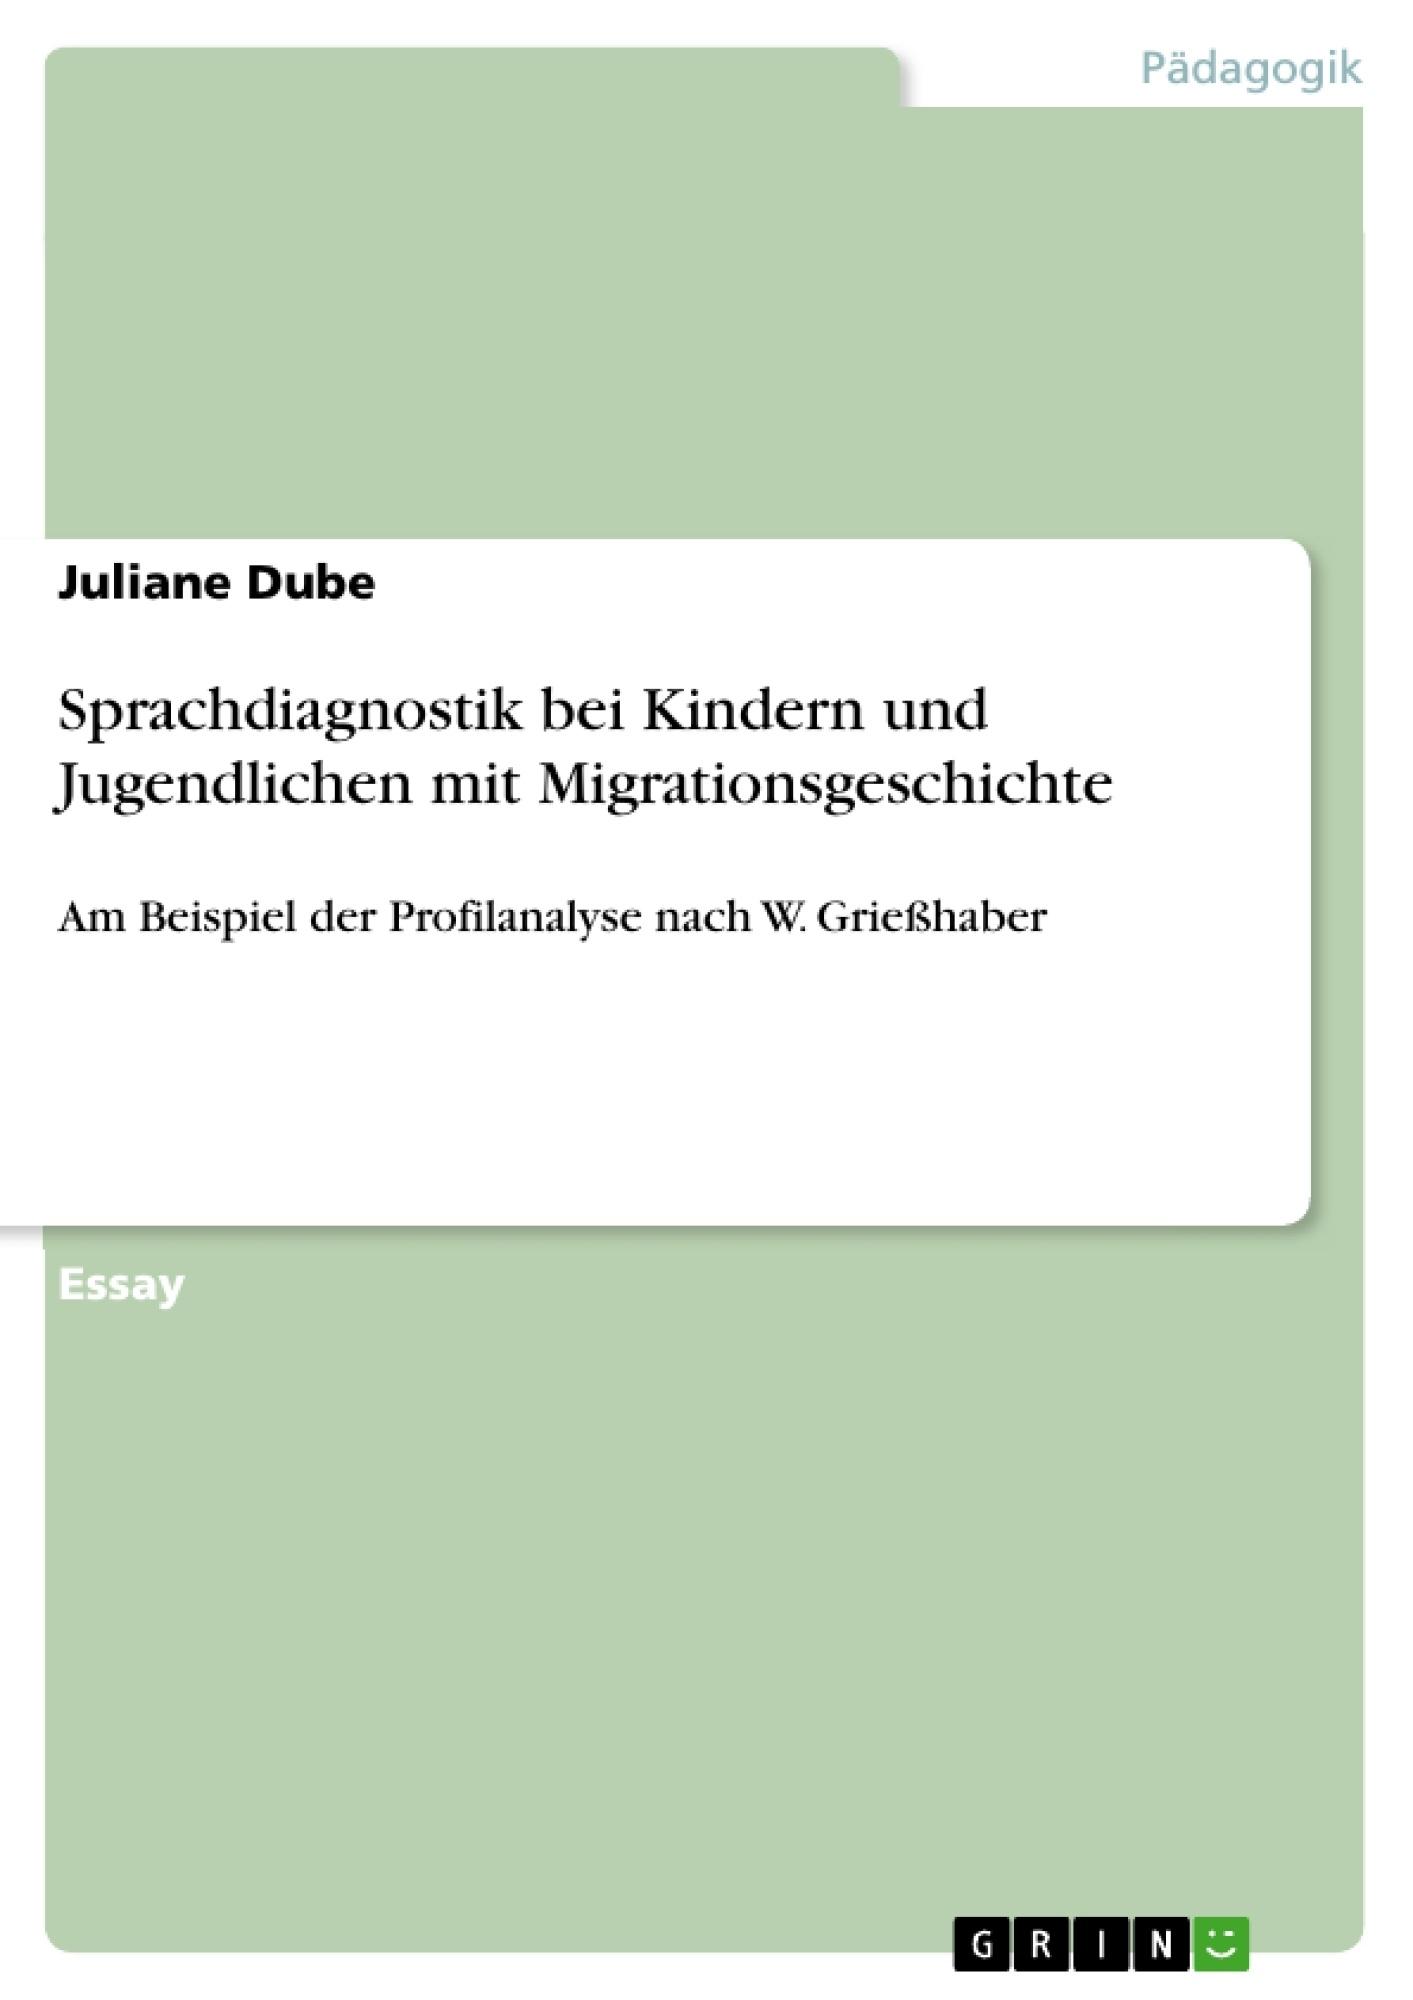 Titel: Sprachdiagnostik bei Kindern und Jugendlichen mit Migrationsgeschichte